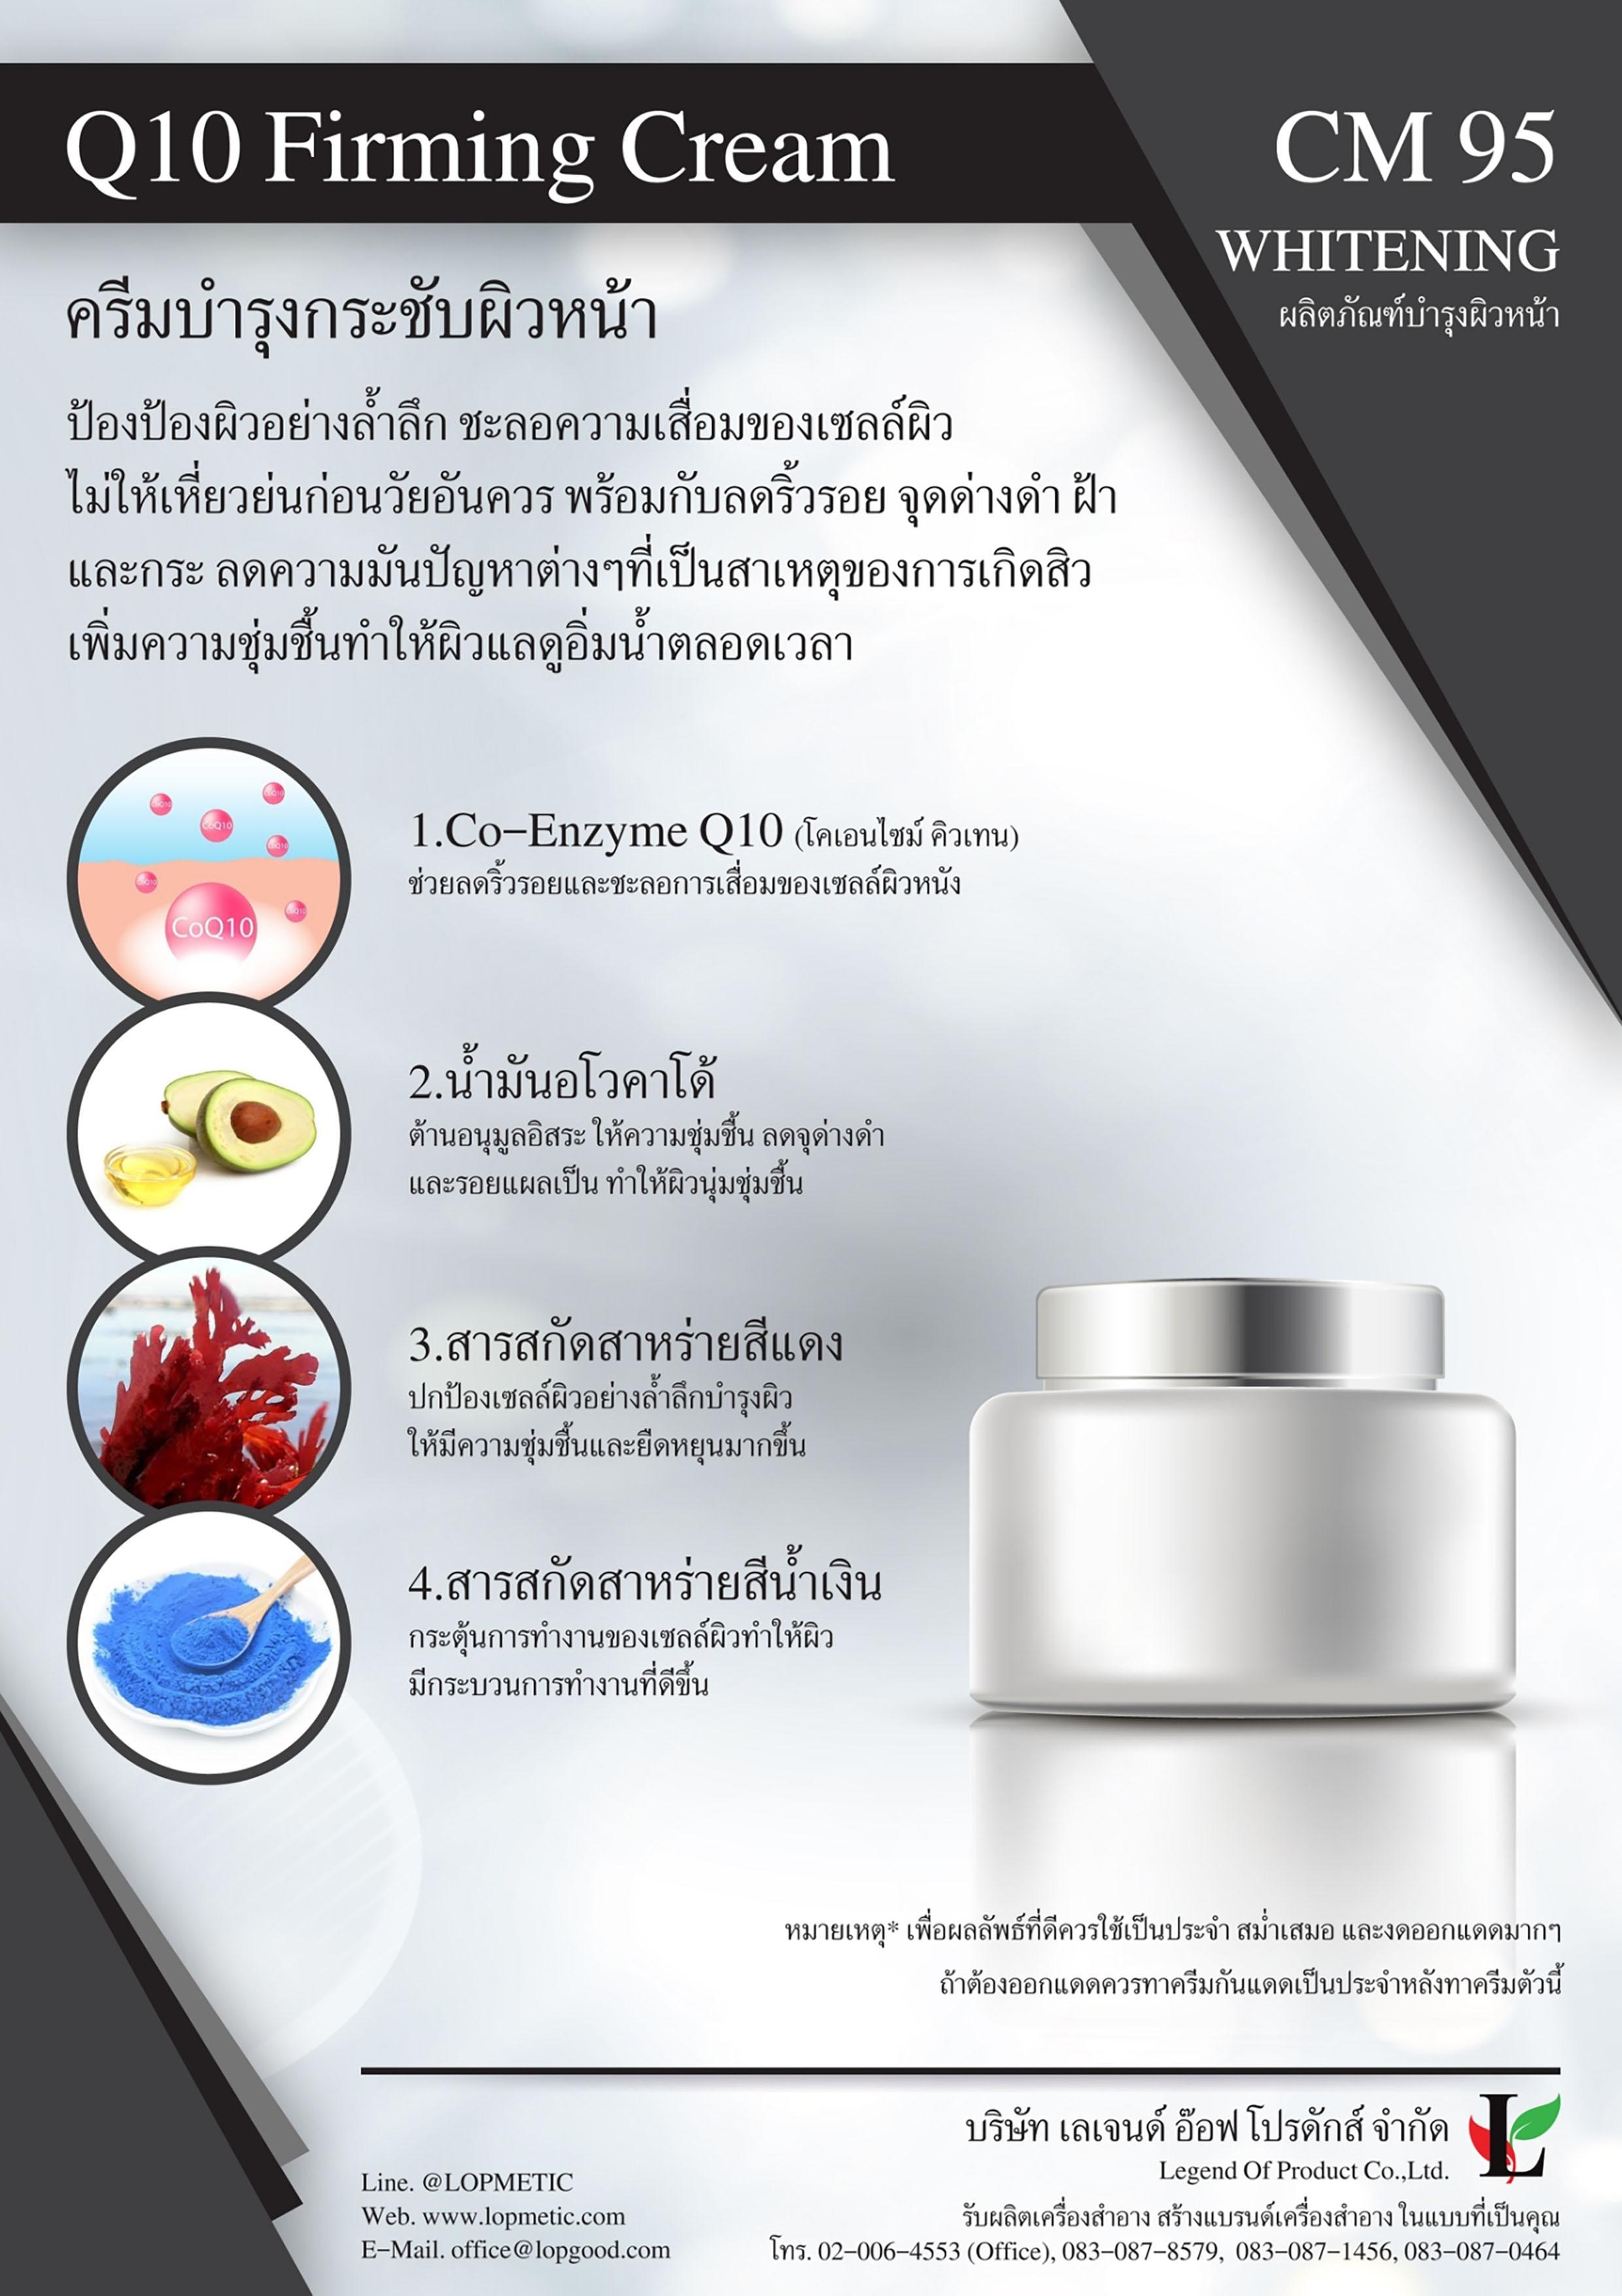 รับผลิตครีมQ10 firming cream ครีมบำรุงกระชับผิวหน้าบำรุงกระชับผิวหน้า,ครีมทาหน้า